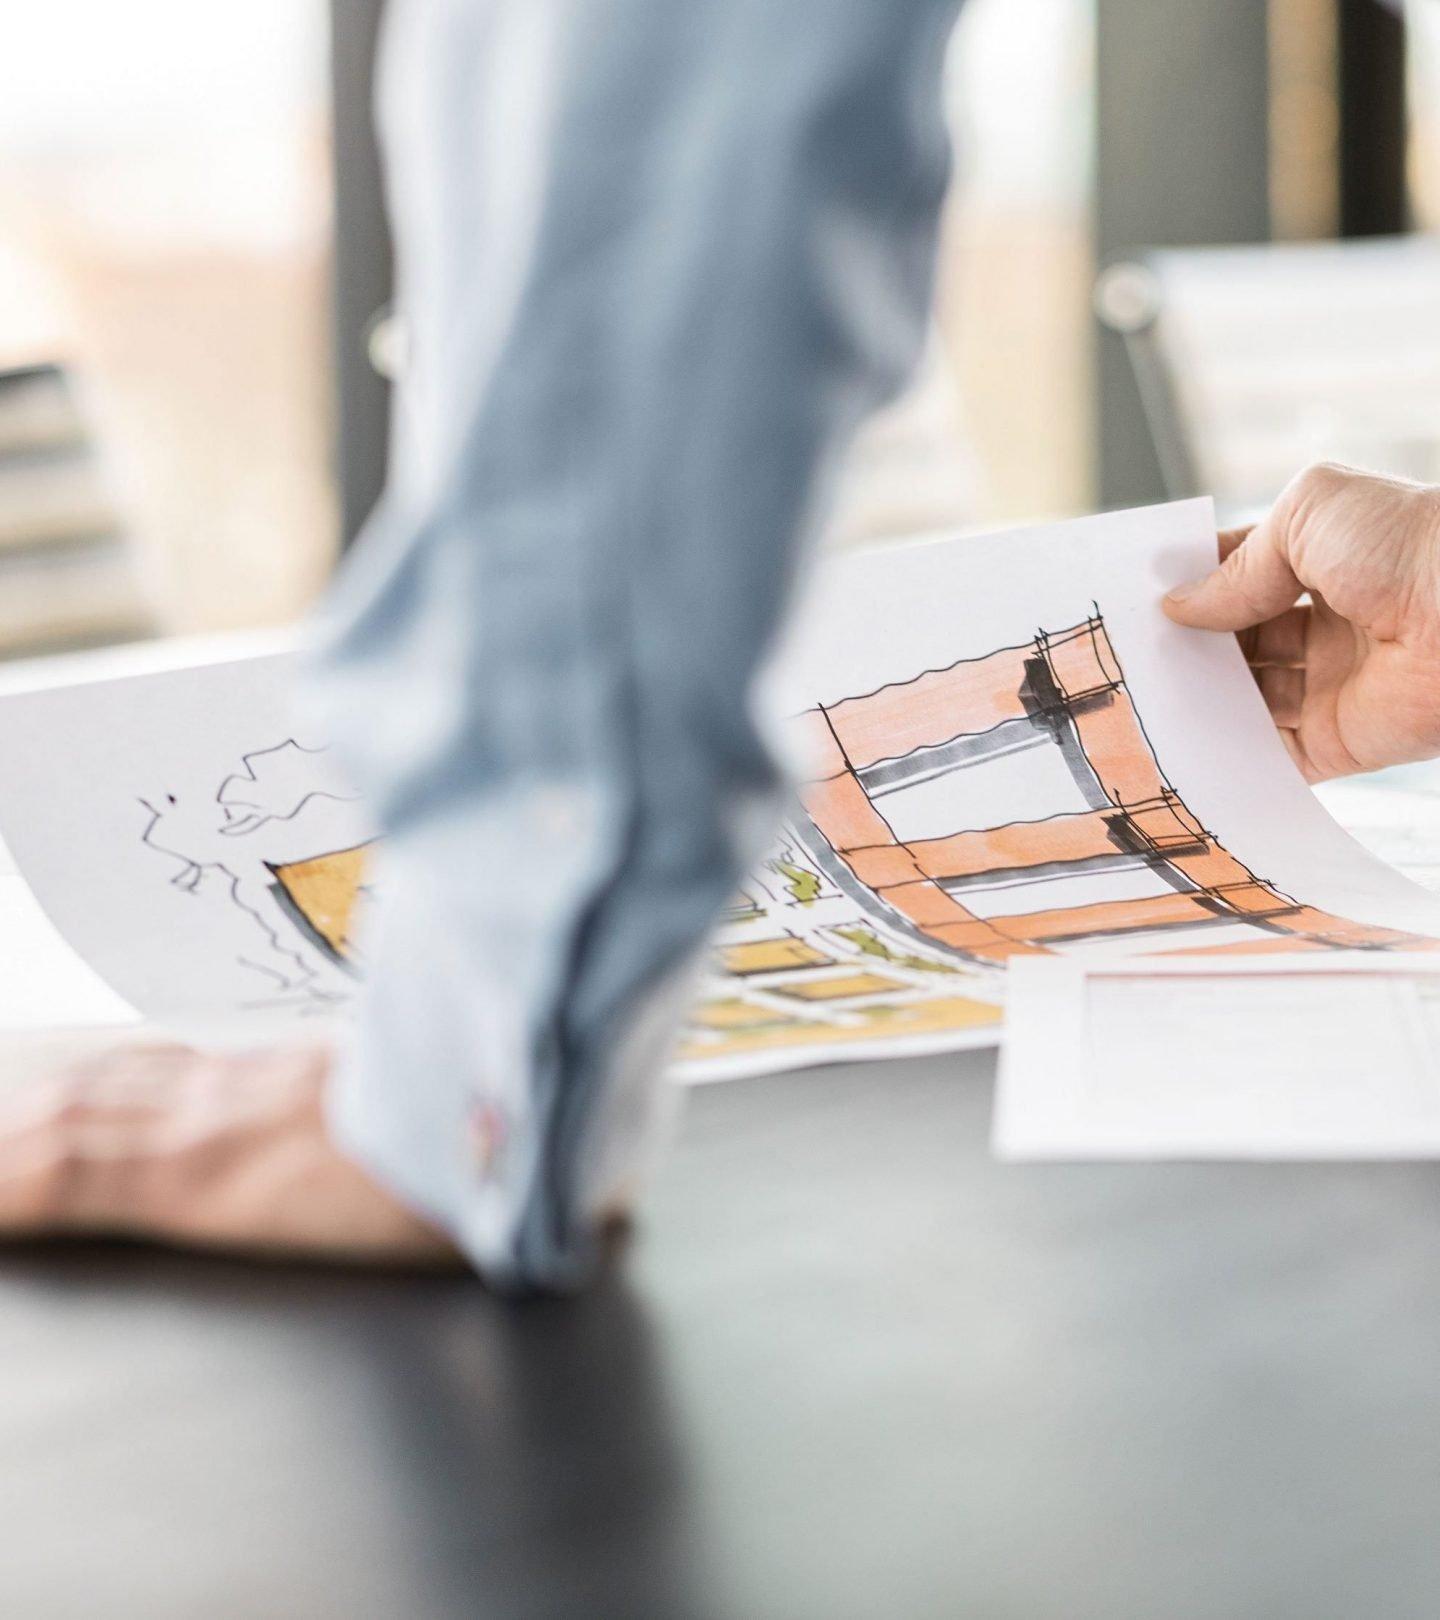 Architekturzeichnungen auf Konferenztisch